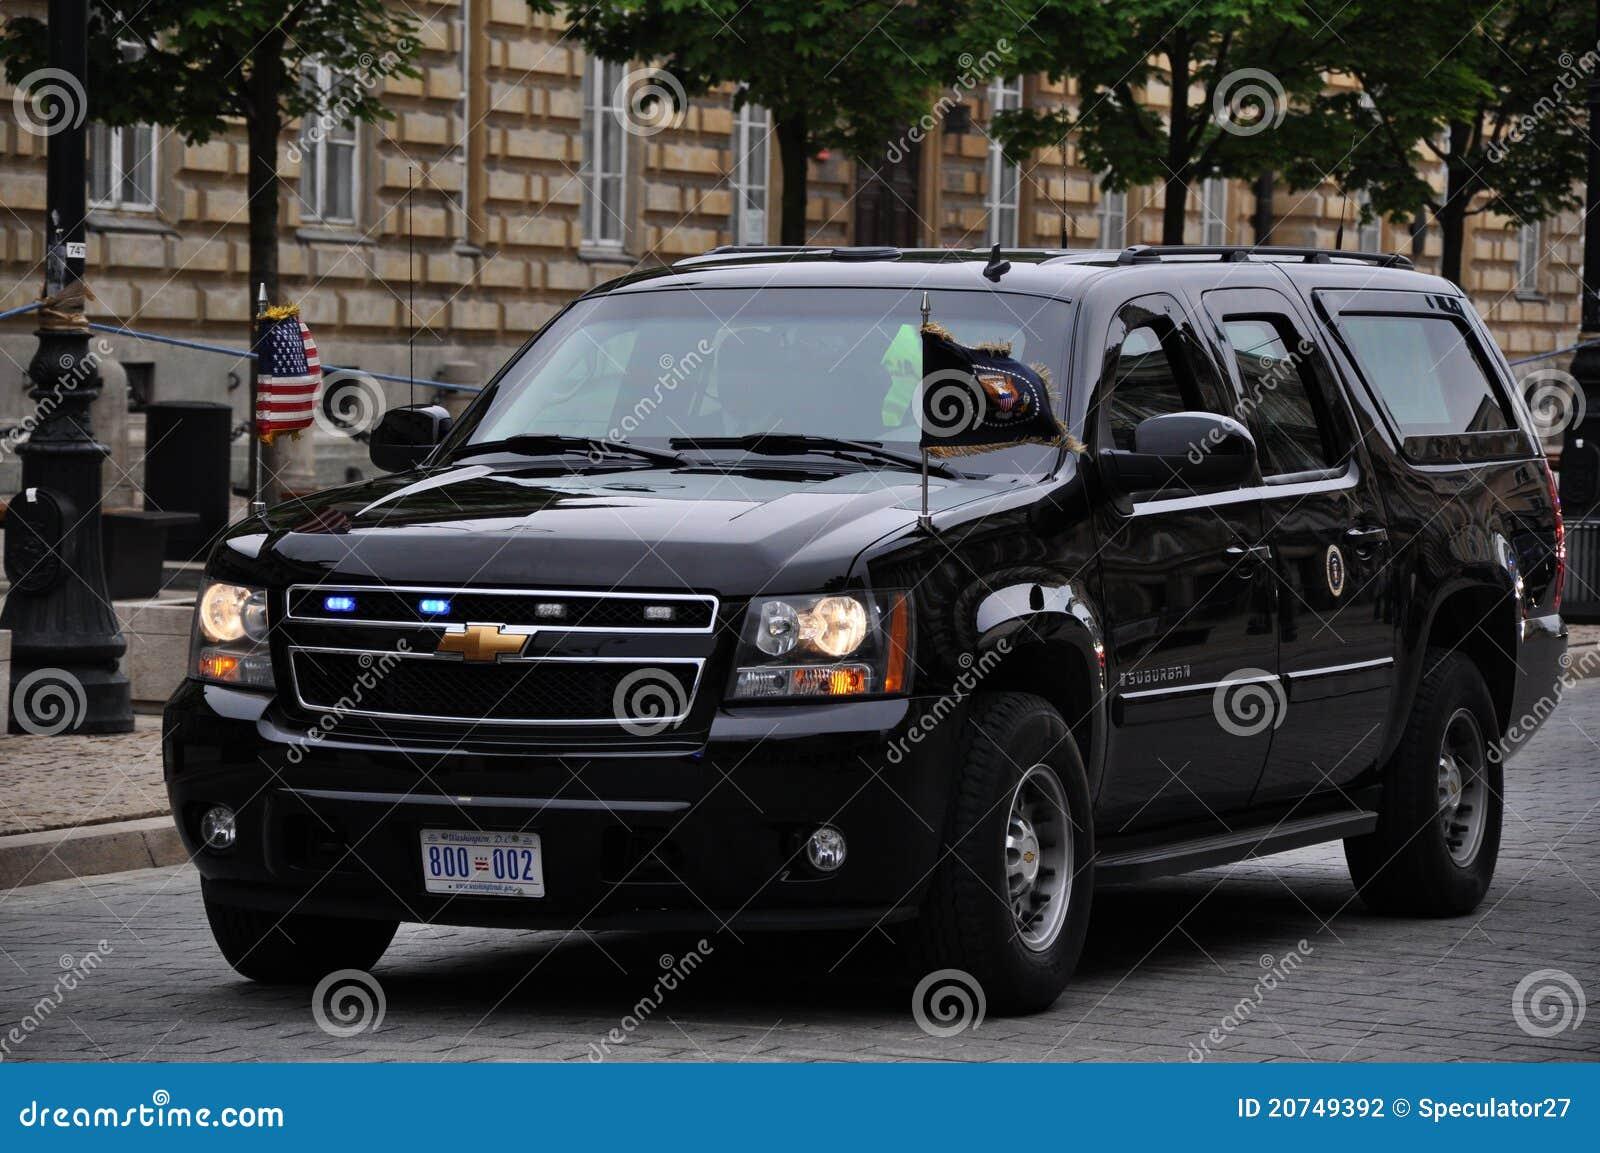 Road secret service agent